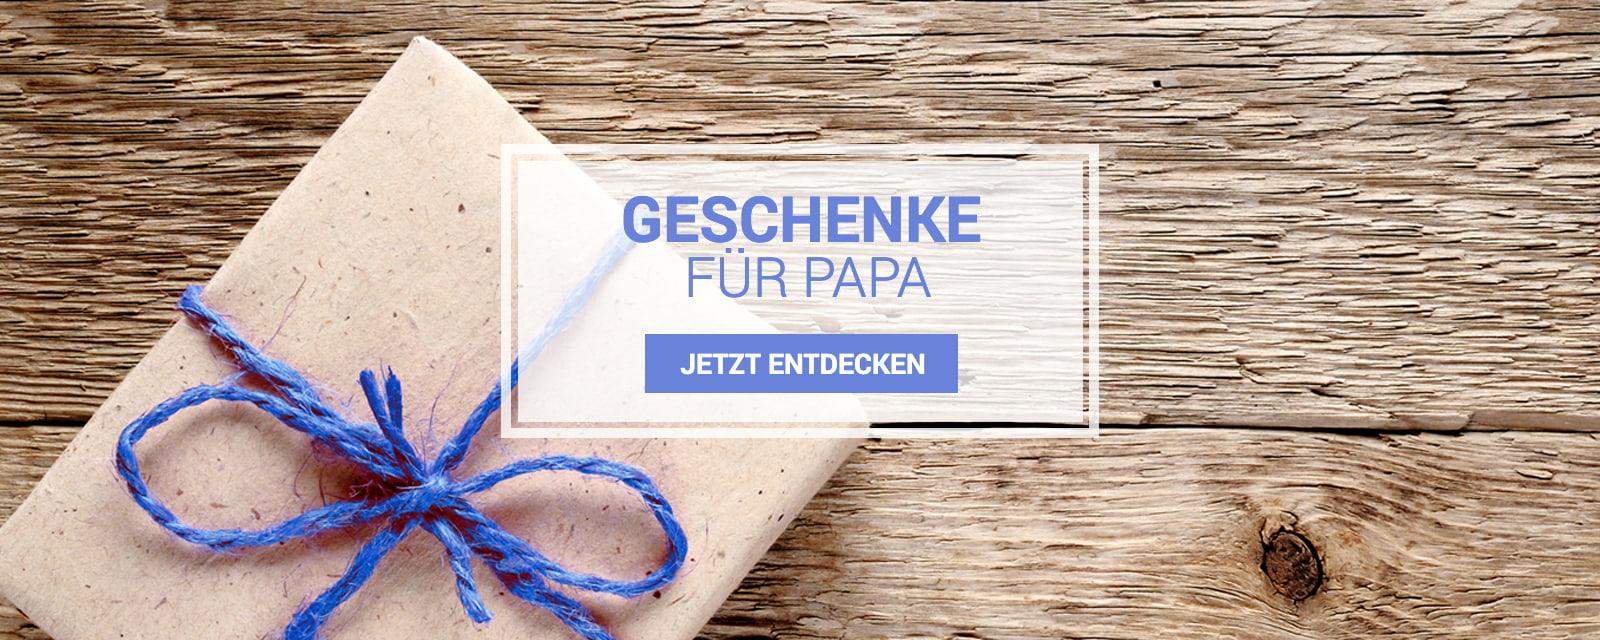 Vatertag Tolle Geschenke Fur Vater Online Kaufen Parfum De